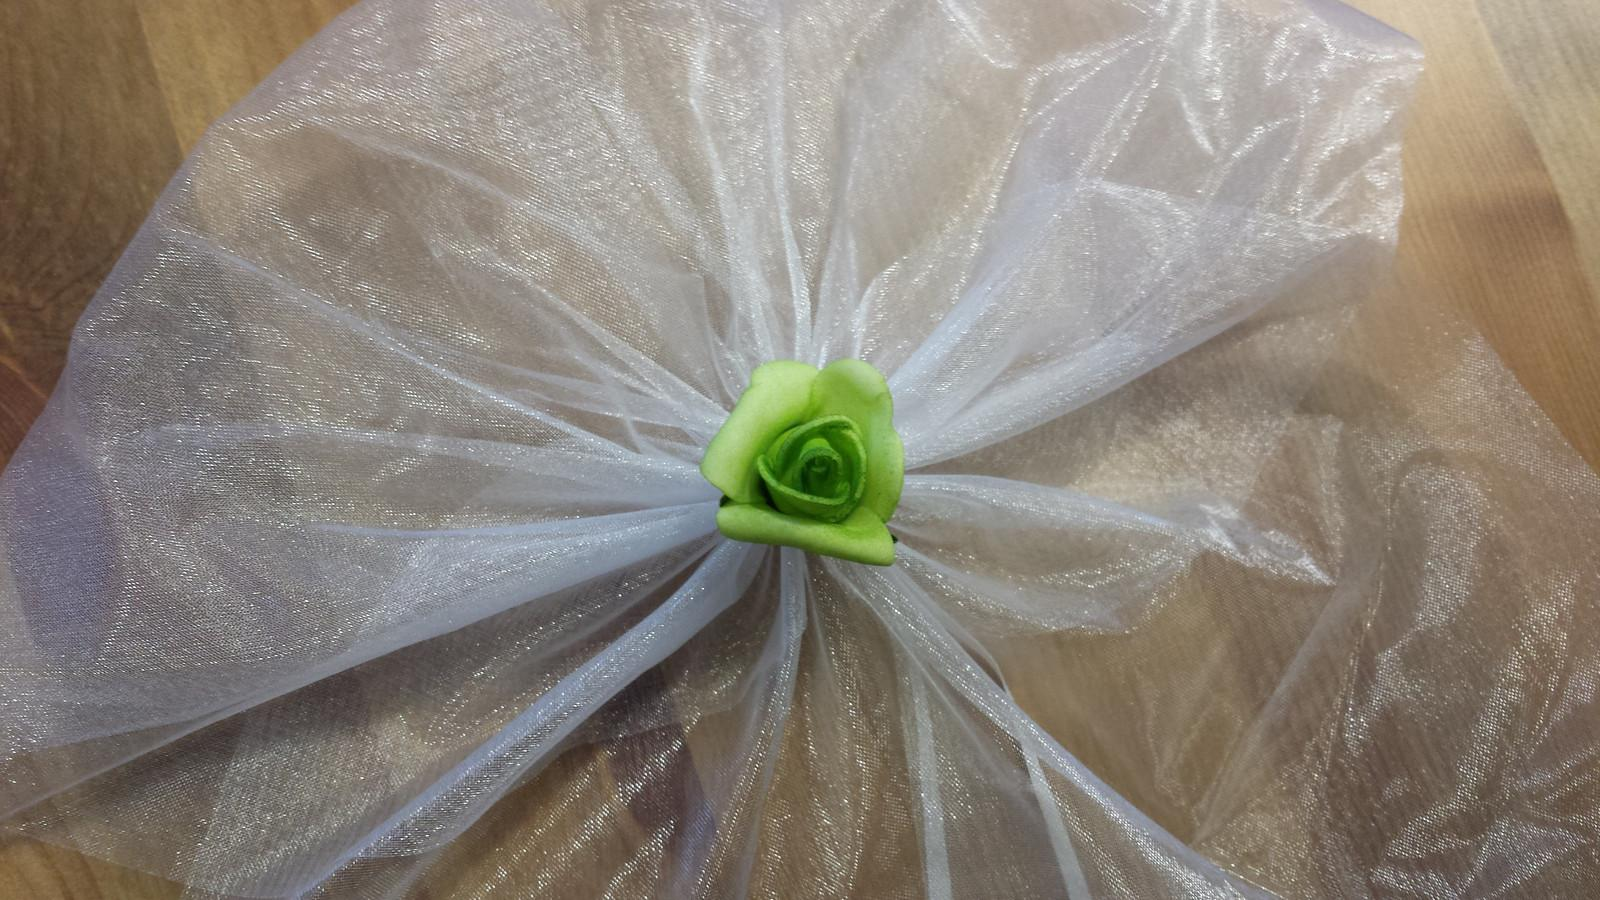 Bílý polštářek pod prstýnky se zelenou mašličkou - Obrázek č. 4